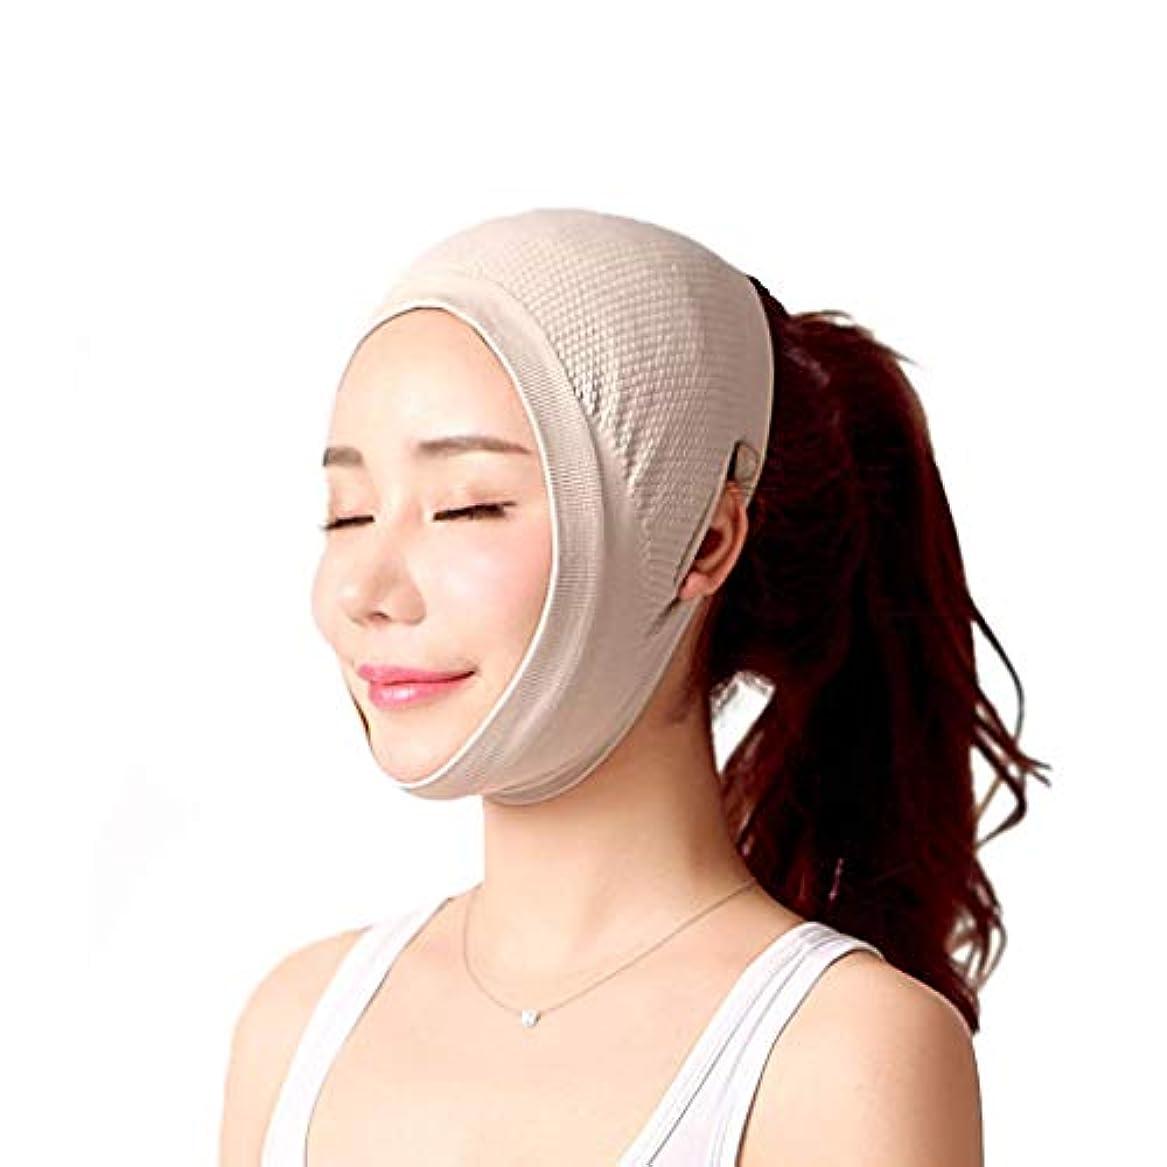 喪前部インシデント顔痩身包帯、二重あご、二重あごを減らすために顔を持ち上げる、顔を引き締める、体重を減らすためのマスク(ワンサイズ)